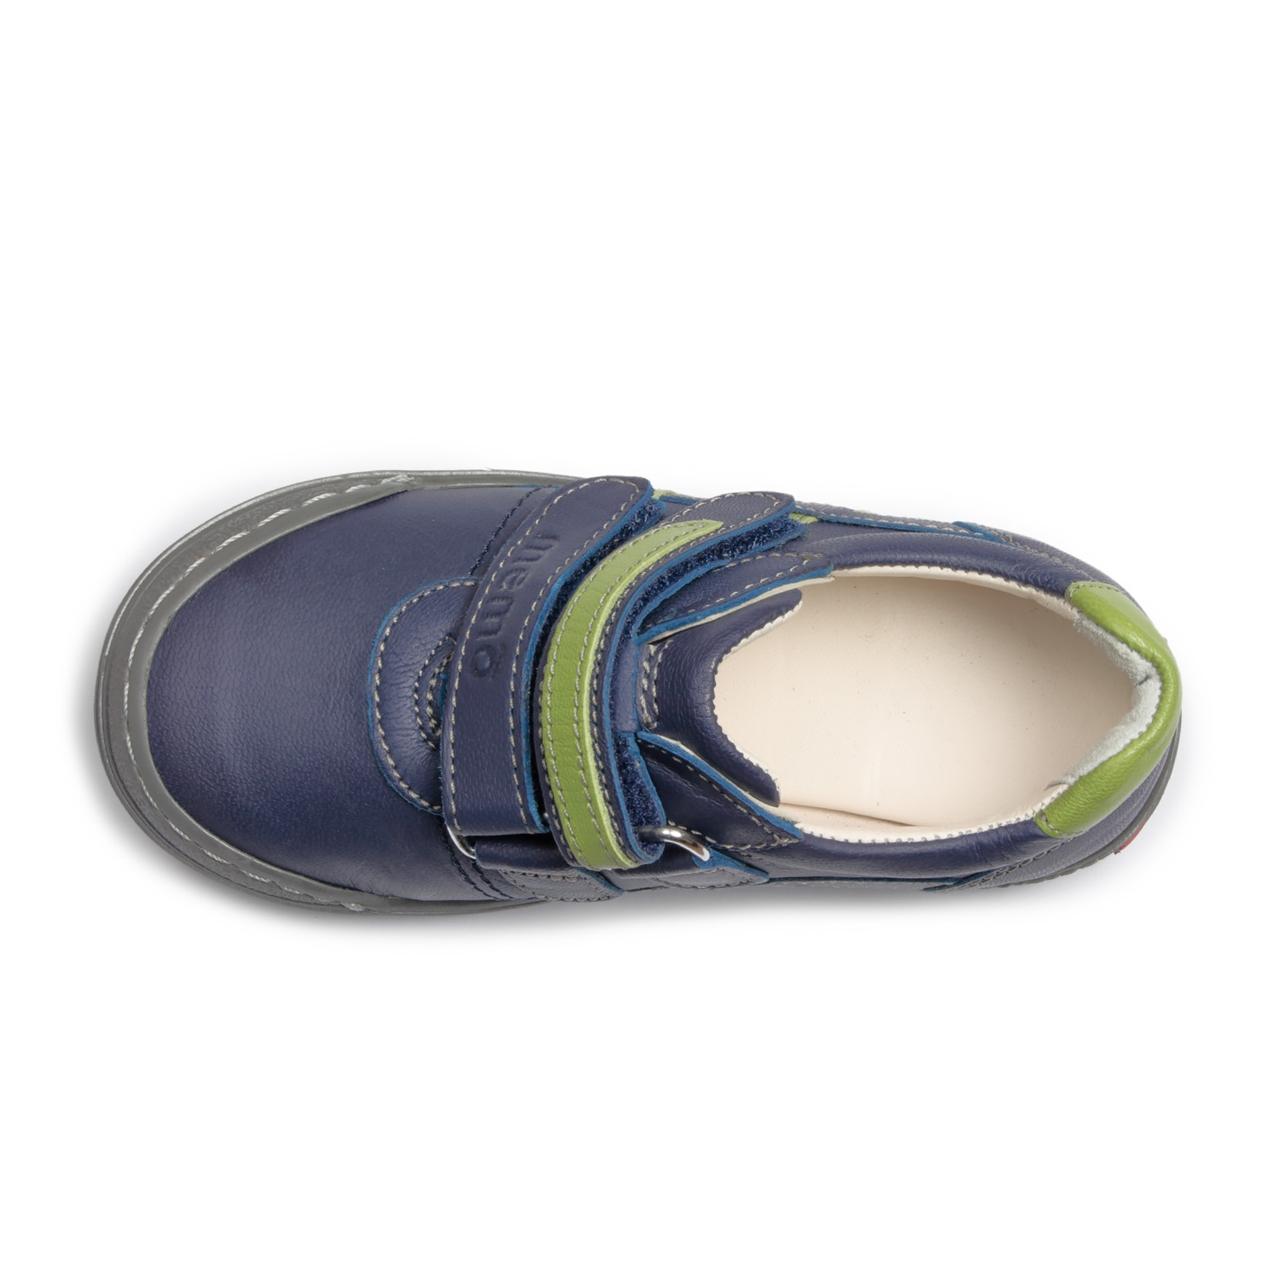 Memo RIO 3CH Синие - Ортопедические кроссовки для мальчиков (р.26-35)